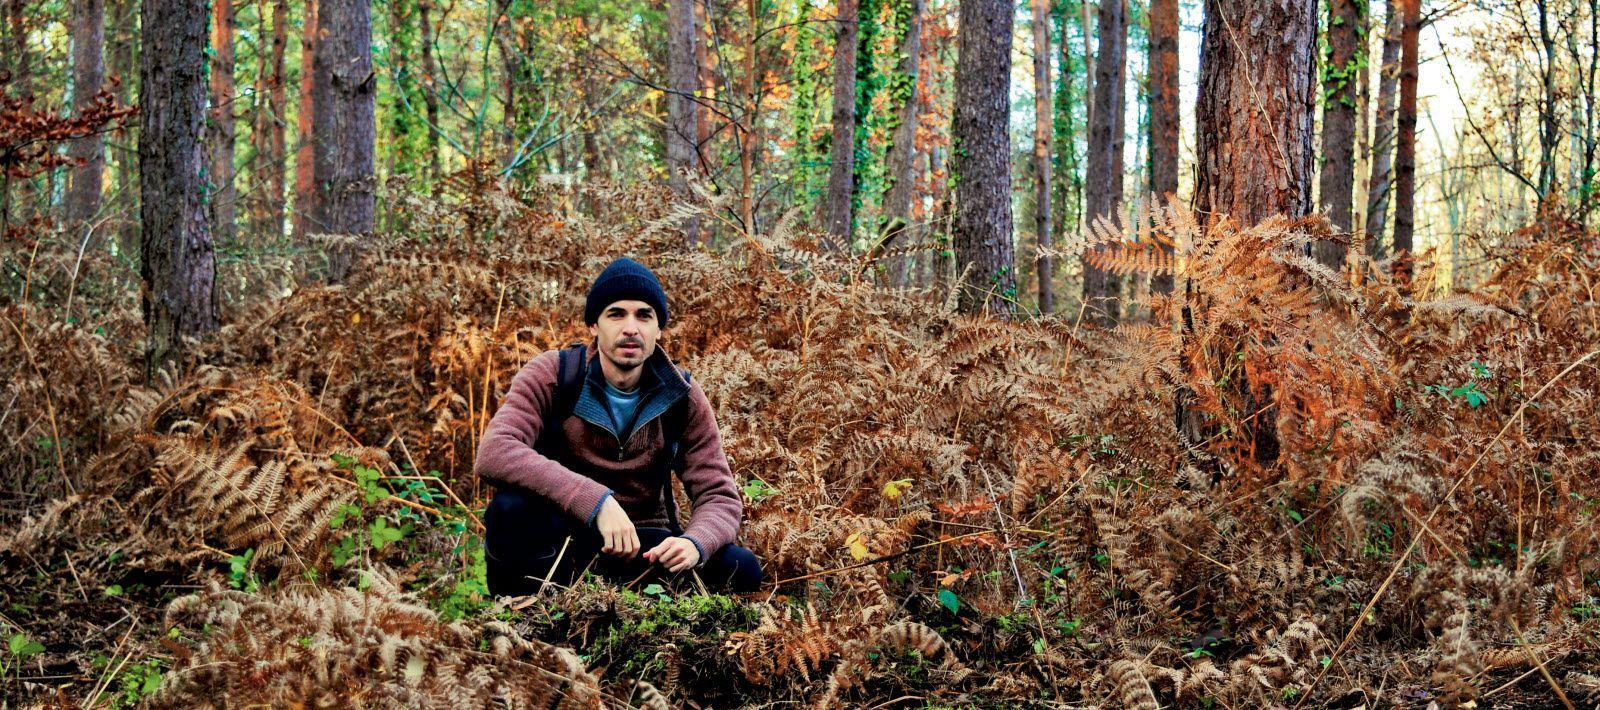 Geoffroy Delorme, 39 ans aujourd'hui ''Cette aventure m'a appris beaucoup sur moi-même, mes forces, mes faiblesses, mes envies''. Photo : Geoffroy Delorme (Cliquez pour agrandir)